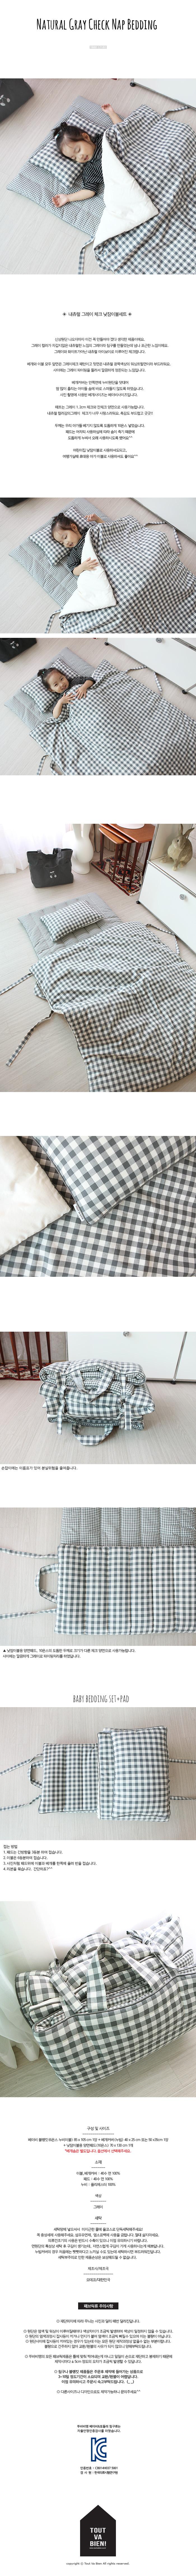 내츄럴 그레이 체크 낮잠이불세트 - 뚜바비엥, 132,000원, 패브릭/침구, 침구세트